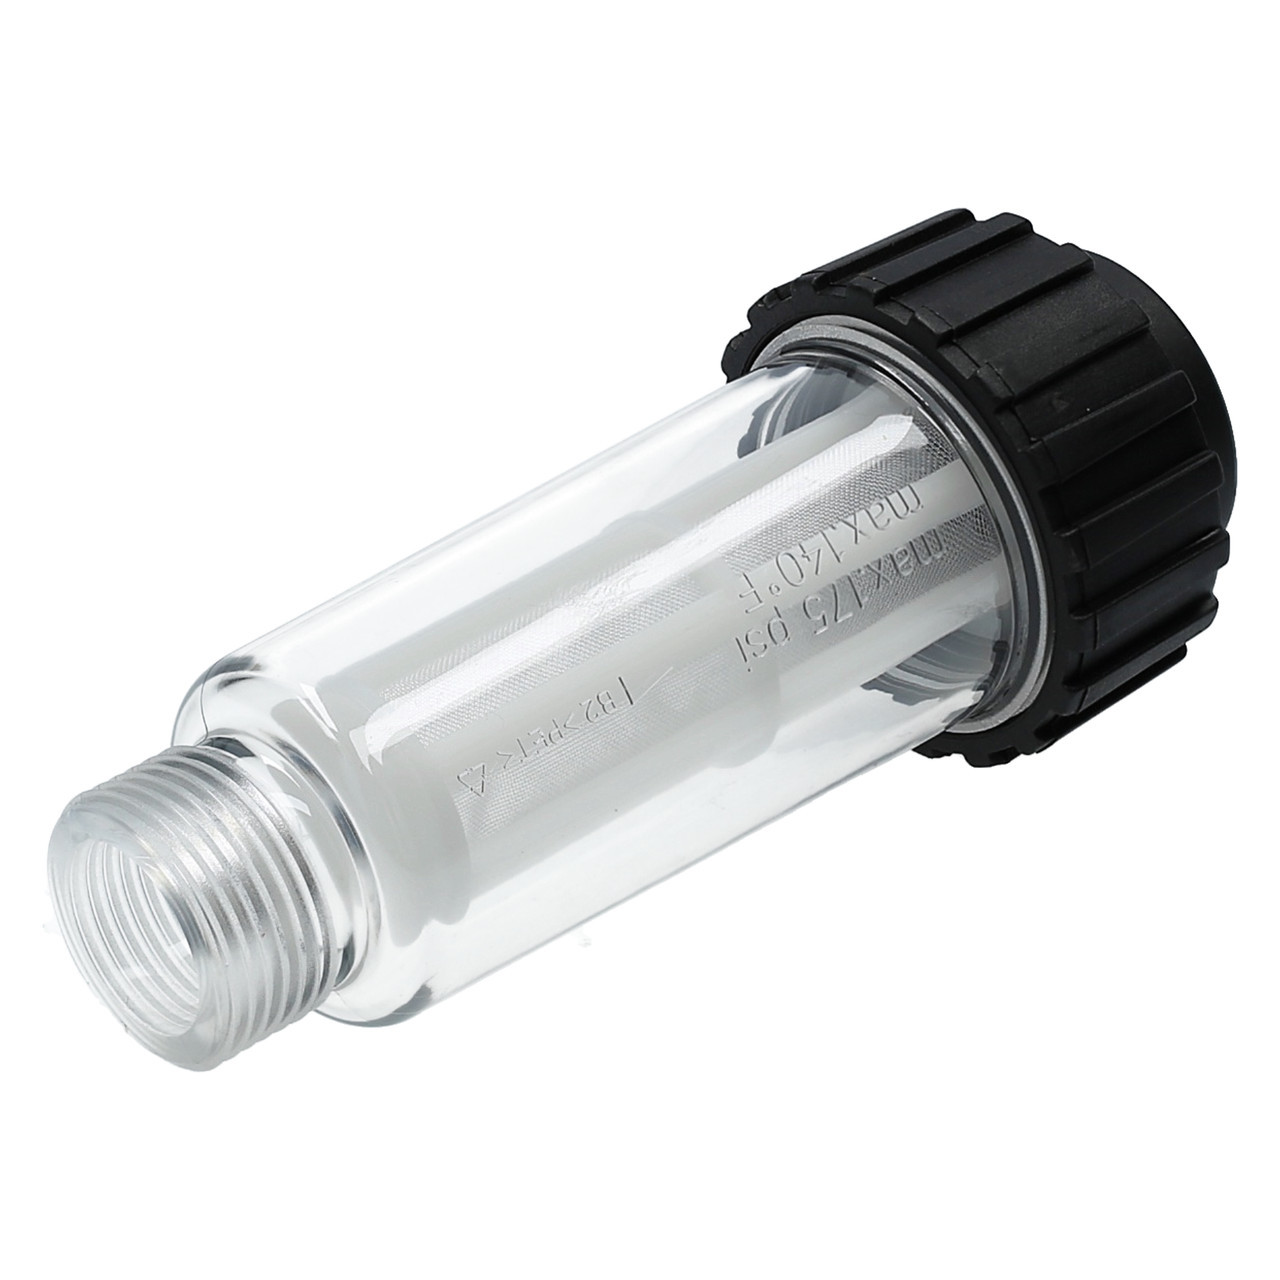 Filtr wody do myjki ciśnieniowej Karcher K HD HDS K2 K4 K5 K7